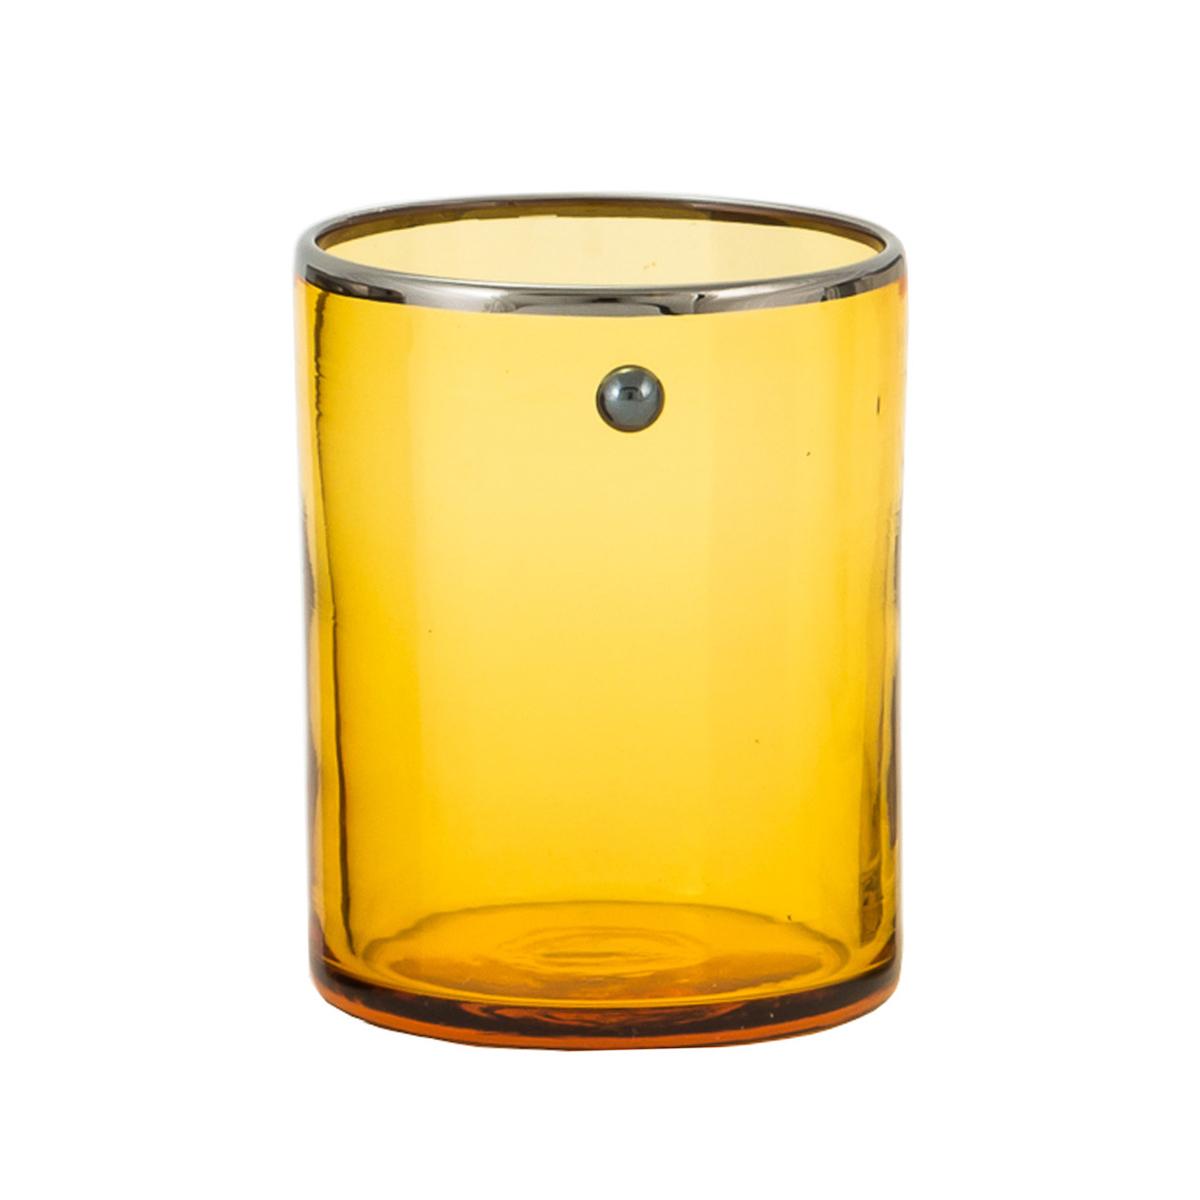 JAI-shot-glass-amber-venice-murano-handmade